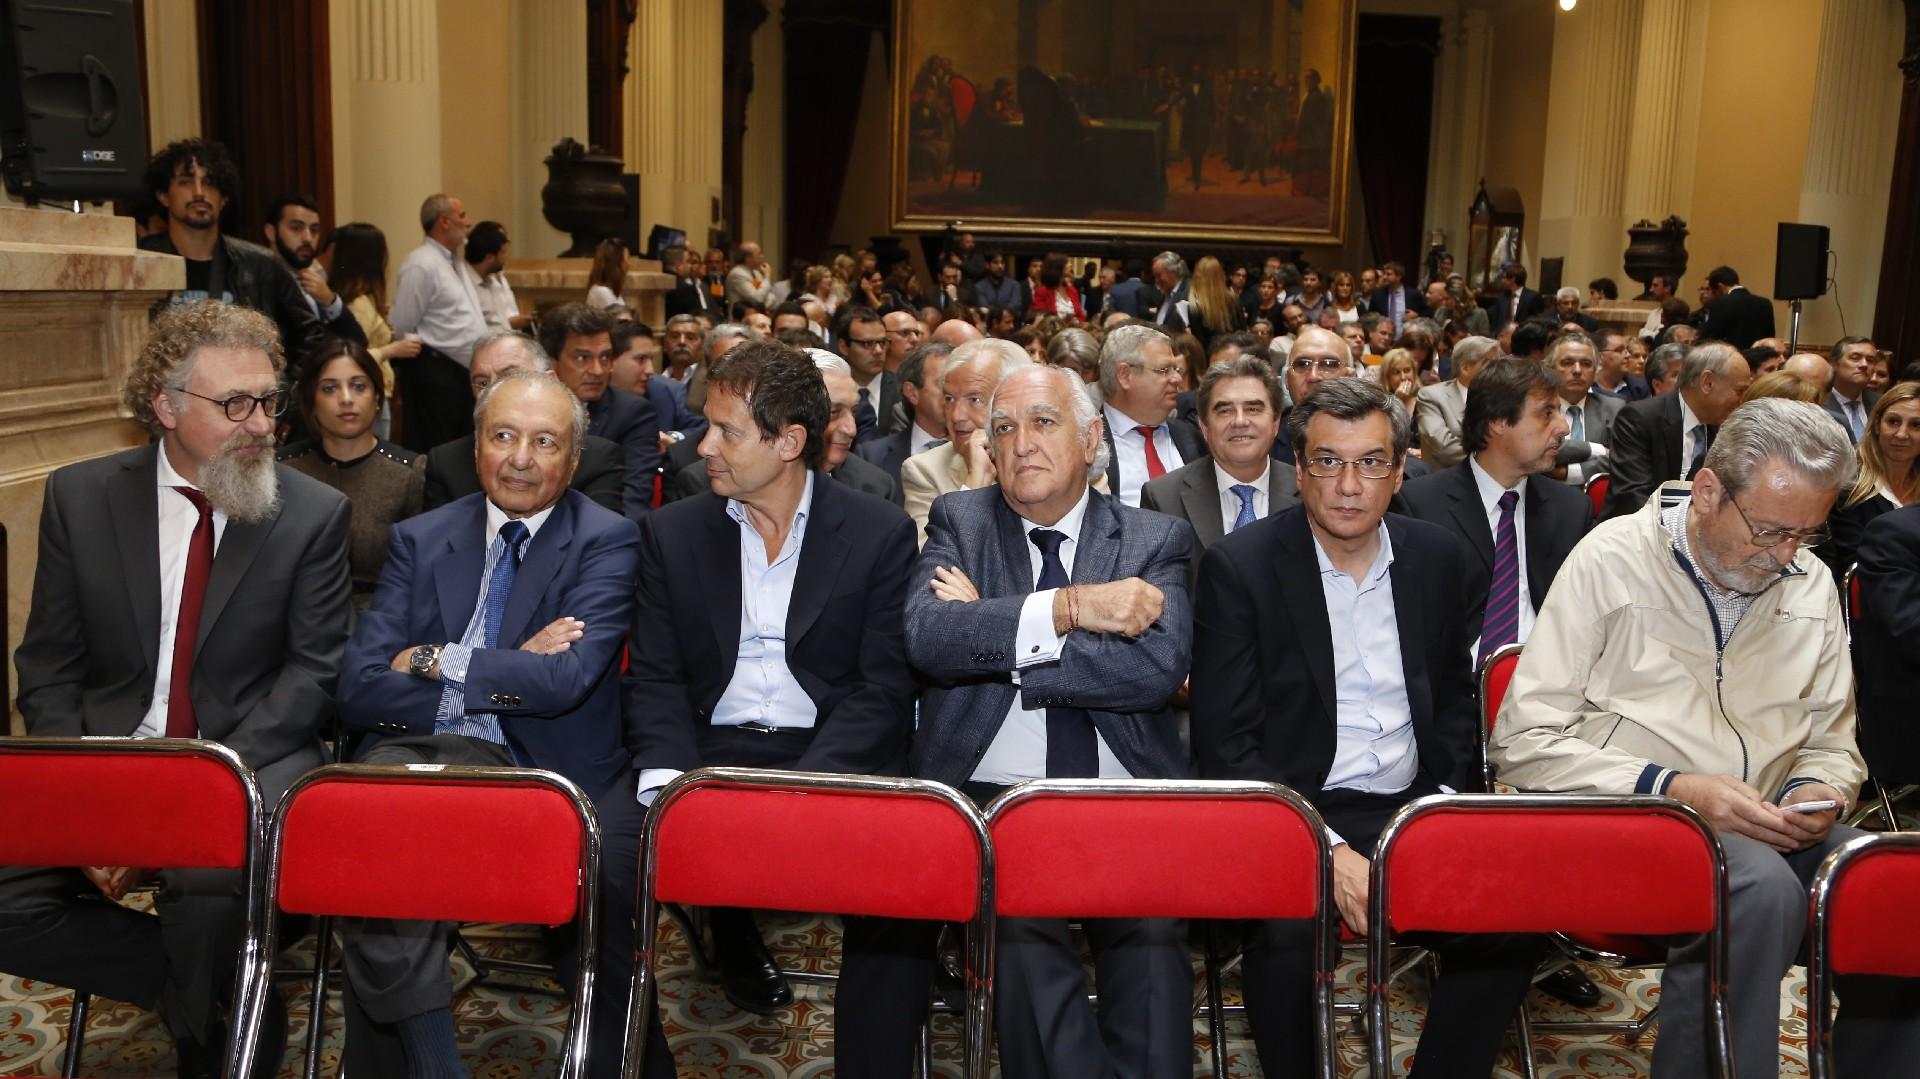 Eduardo Menem y Ricardo Gil Lavedra, dialogando con otros dirigentes políticos